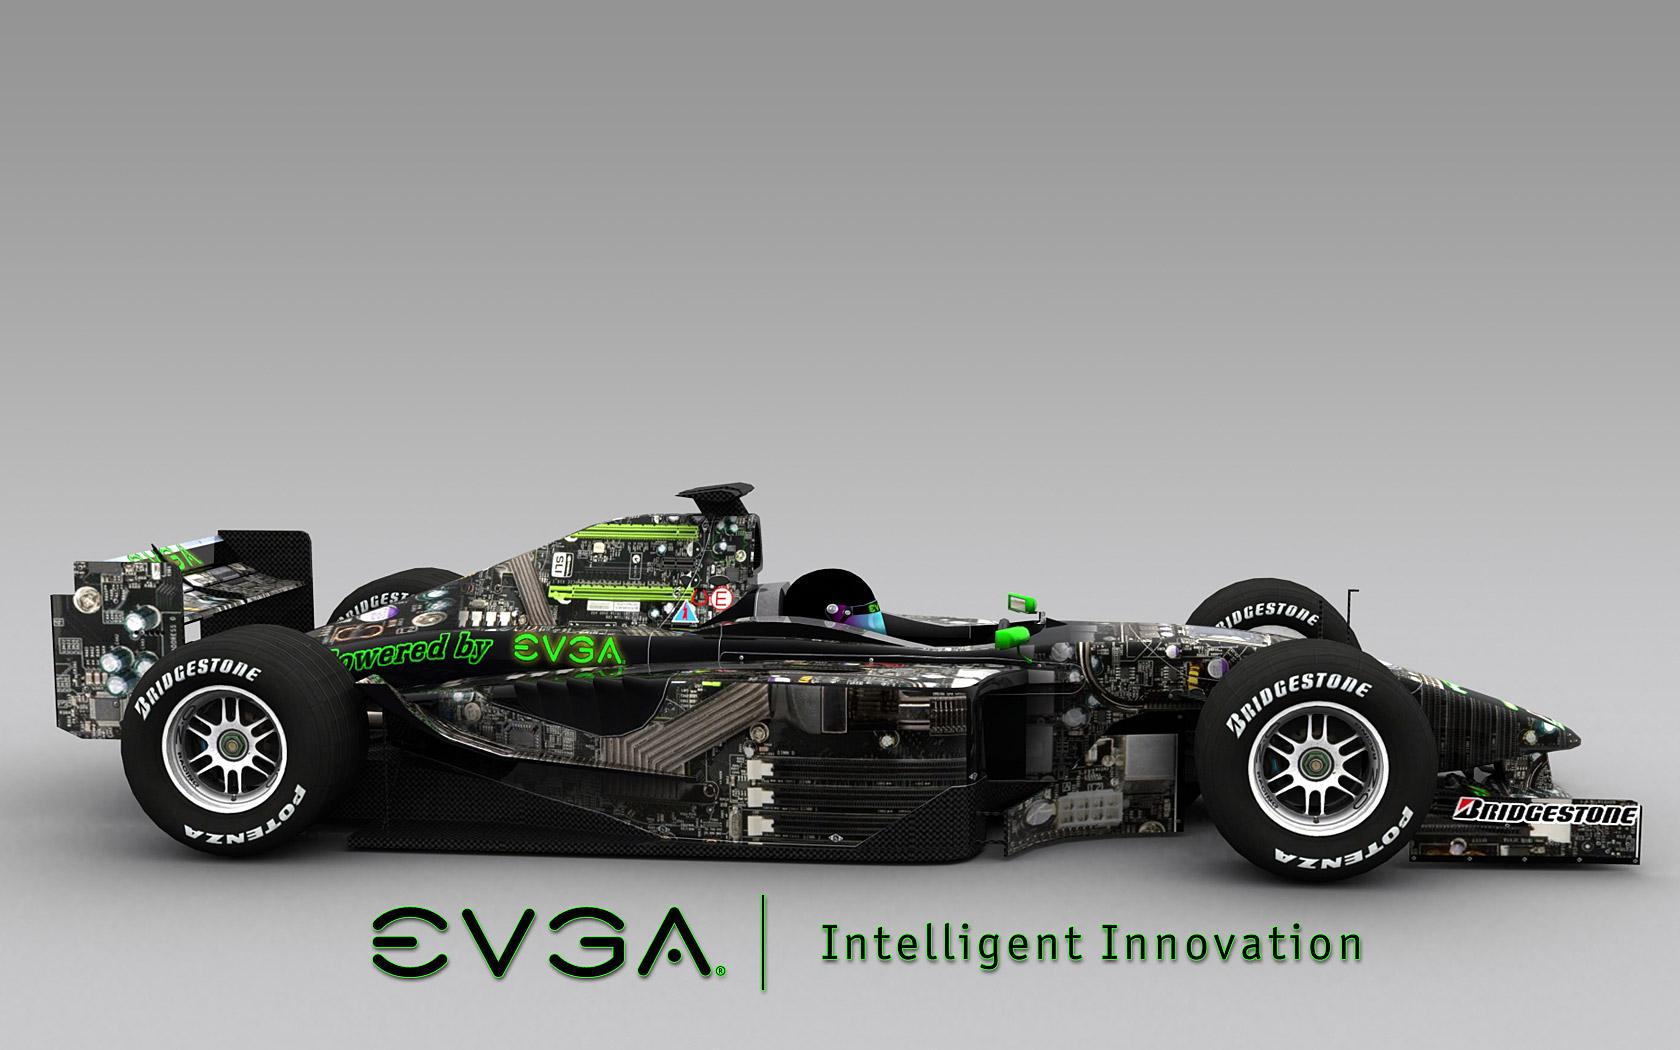 EVGA - Design the Ultimate EVGA Themed Wallpaper Contest - Design